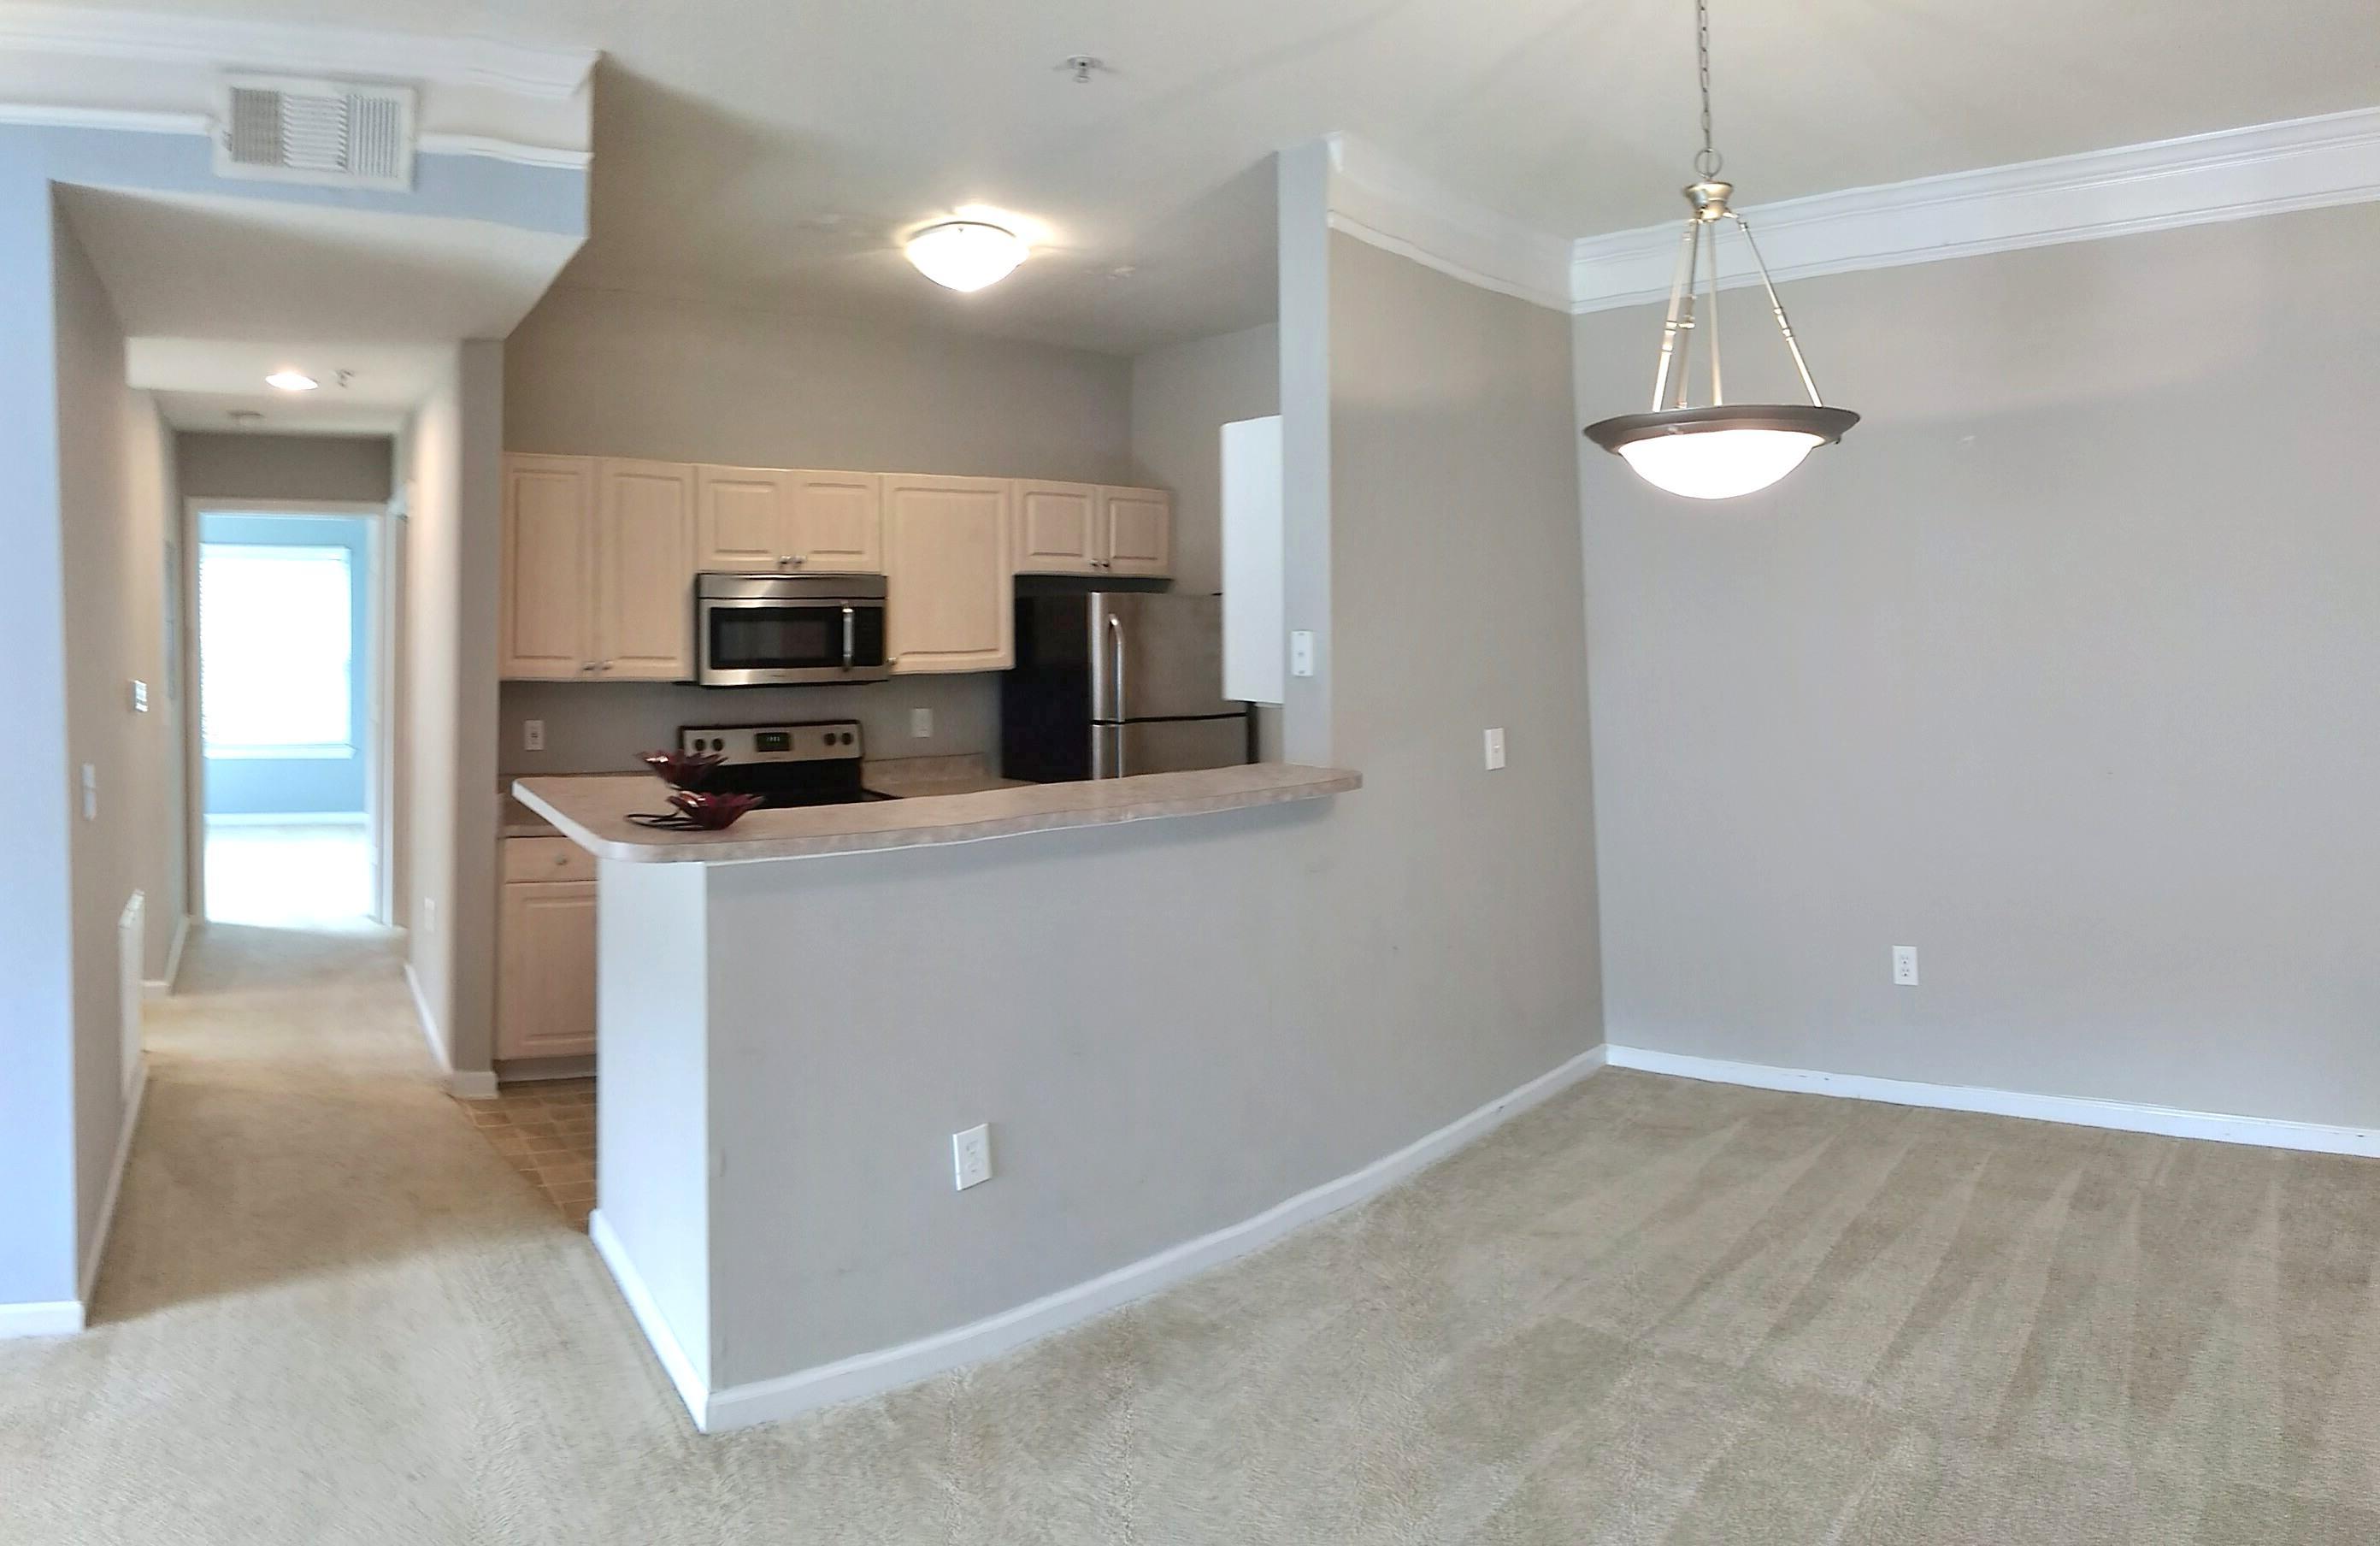 Park West Homes For Sale - 1300 Park West, Mount Pleasant, SC - 17